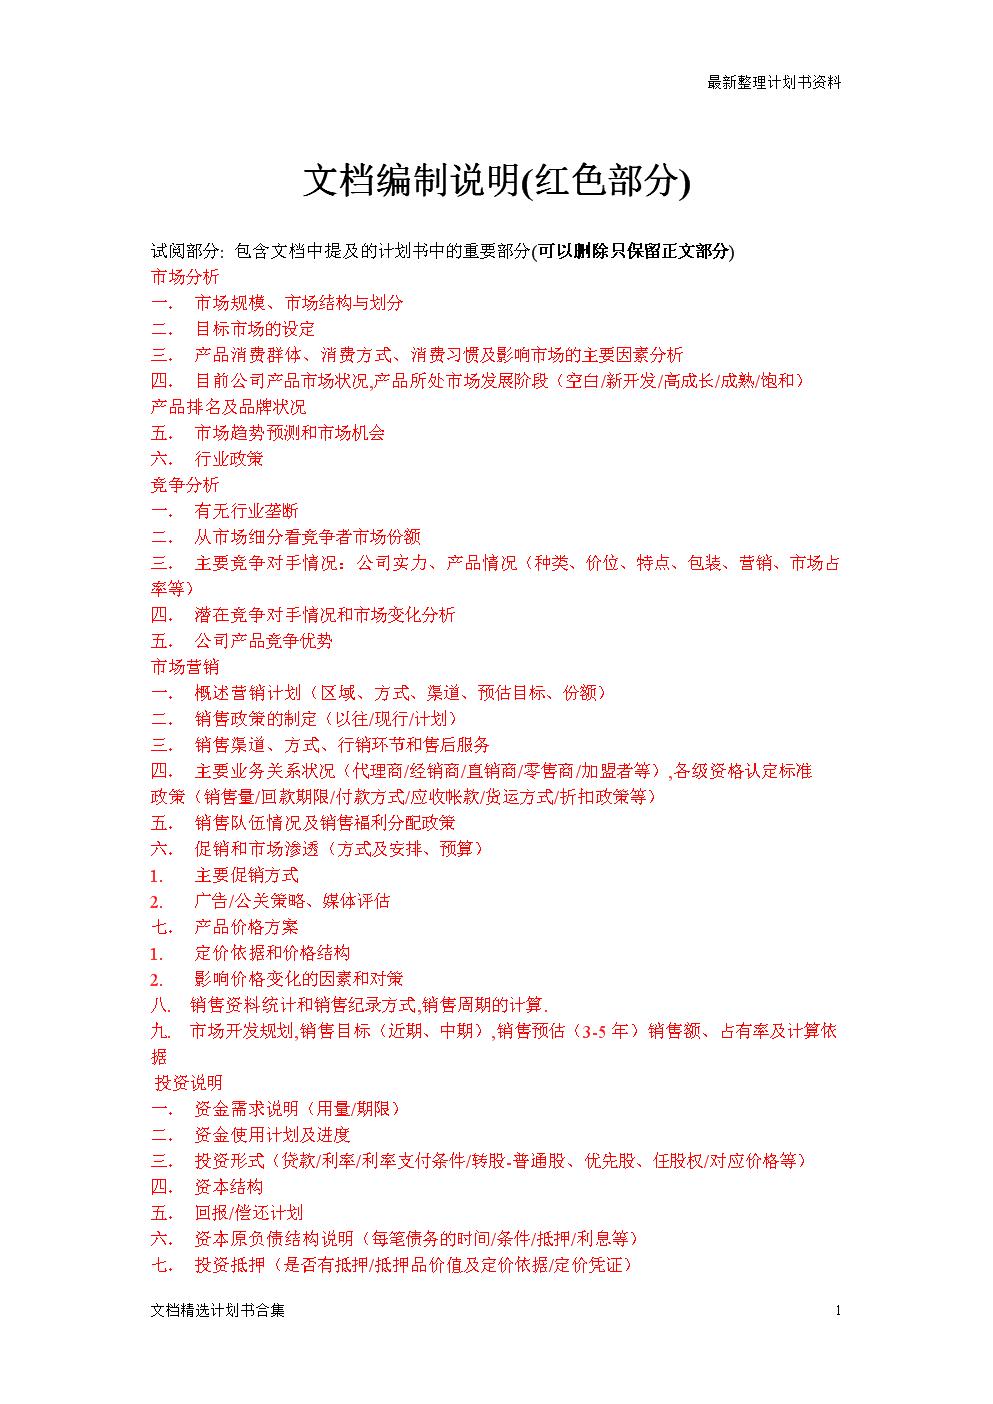 999感冒 灵颗粒广告策划案.doc